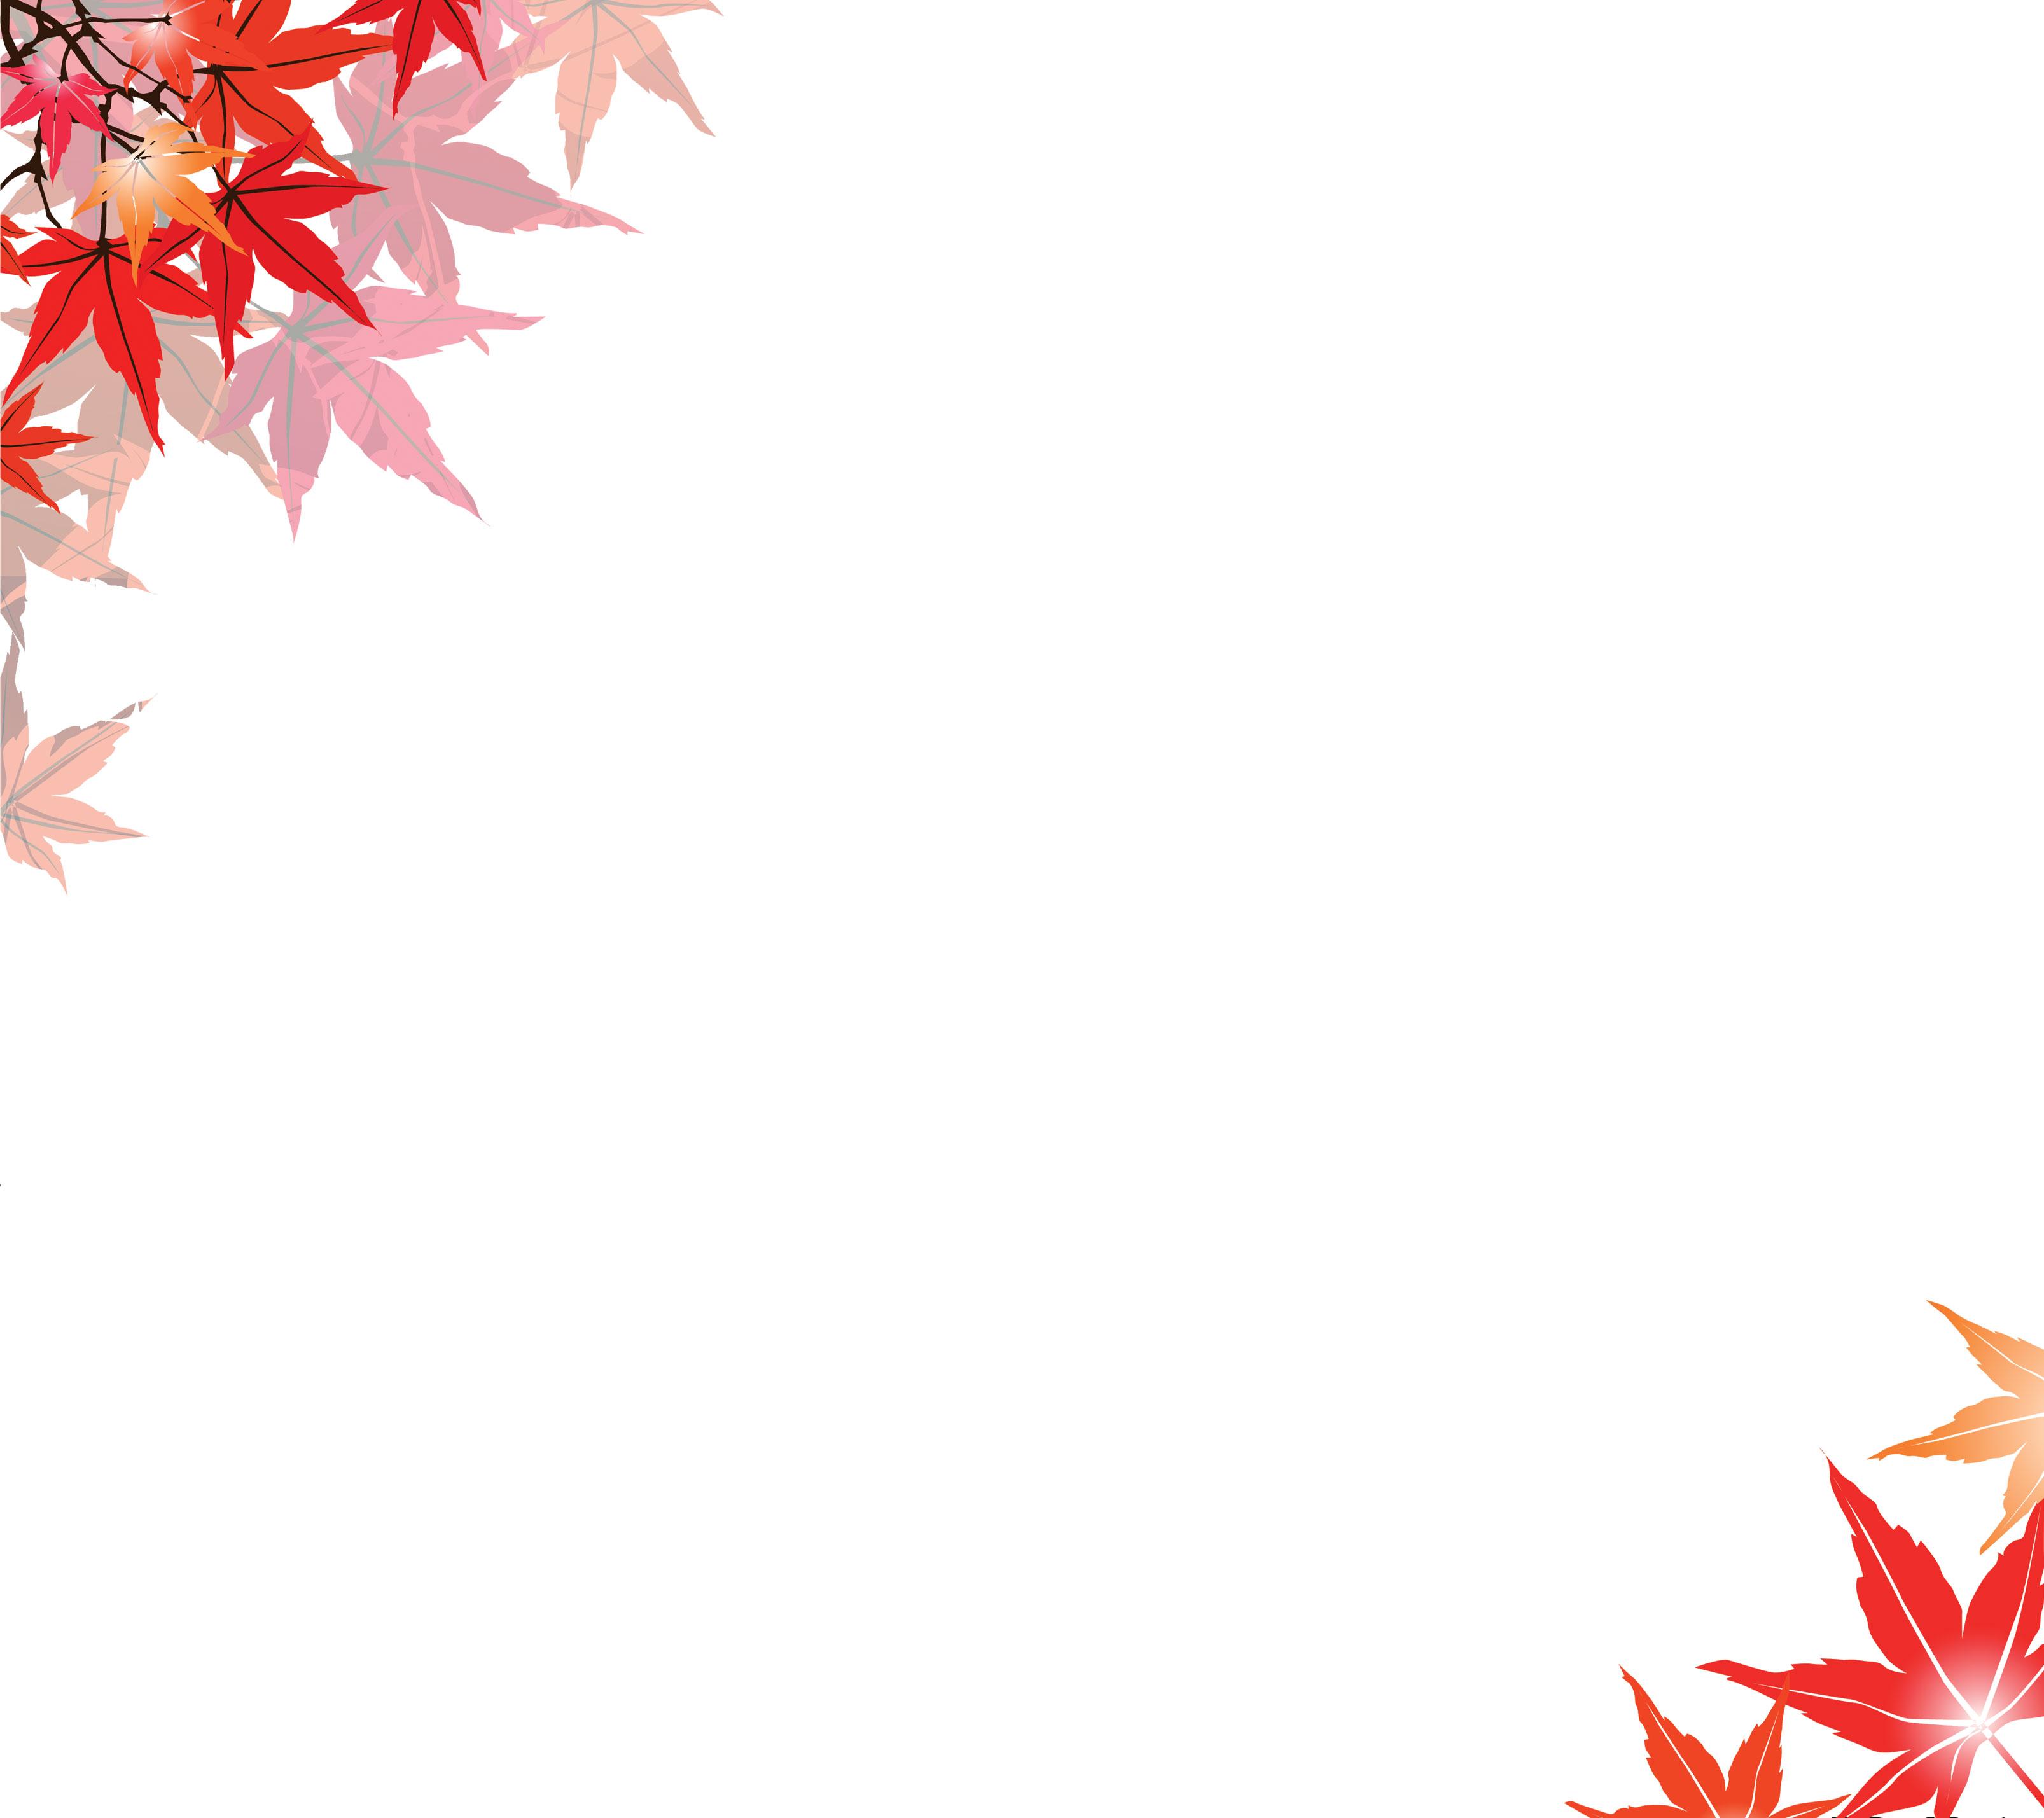 葉っぱ草木のイラストフリー素材フレーム枠no120もみじ赤茶